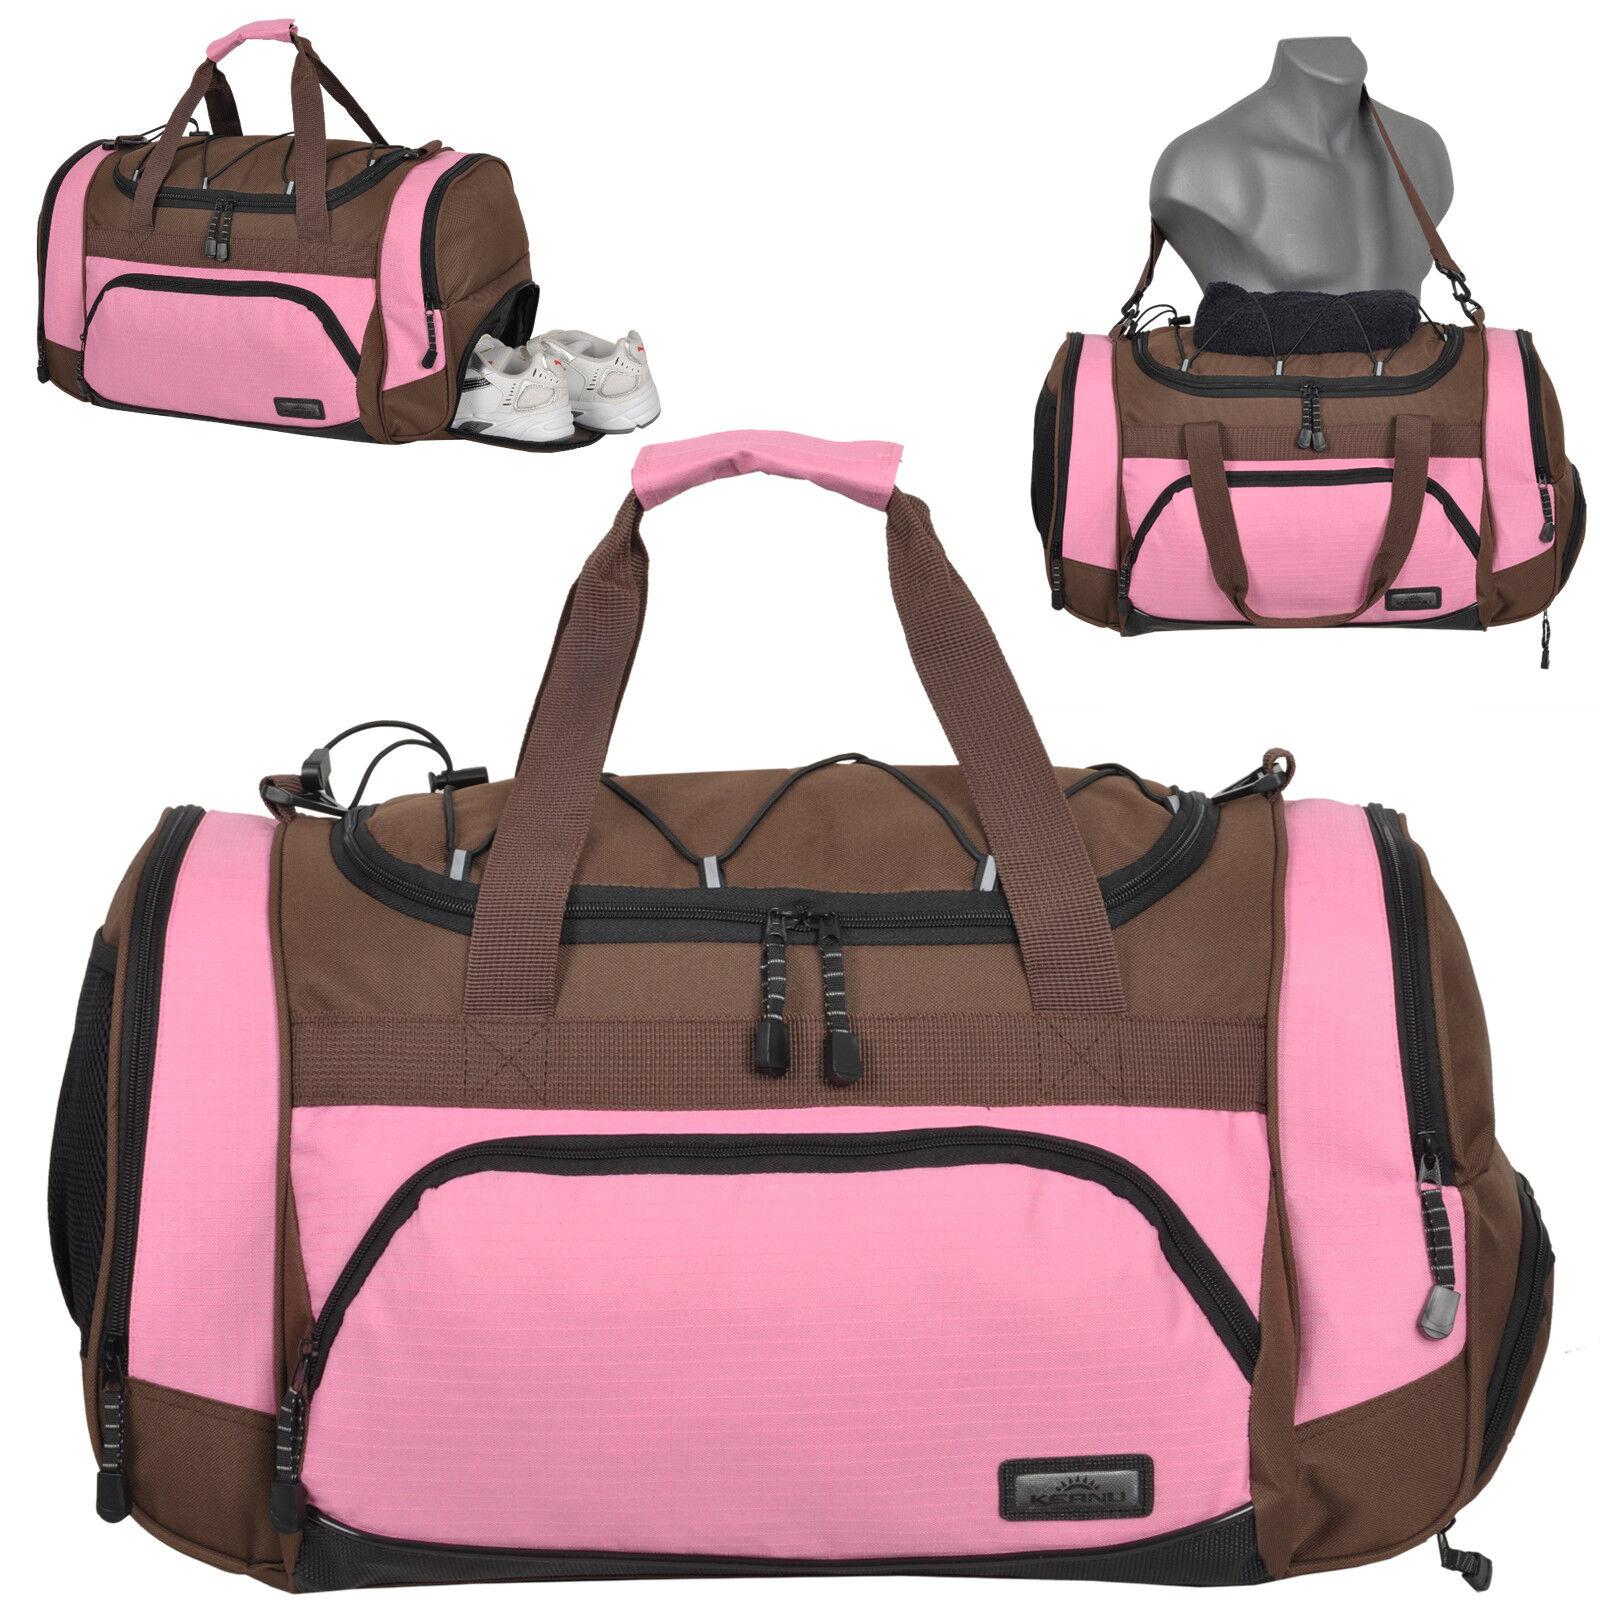 Fitnesstasche Sporttasche KEANU Gym Reisetasche Freizeit Sauna Tasche Braun Rosa | Förderung  | Outlet Store  | ein guter Ruf in der Welt